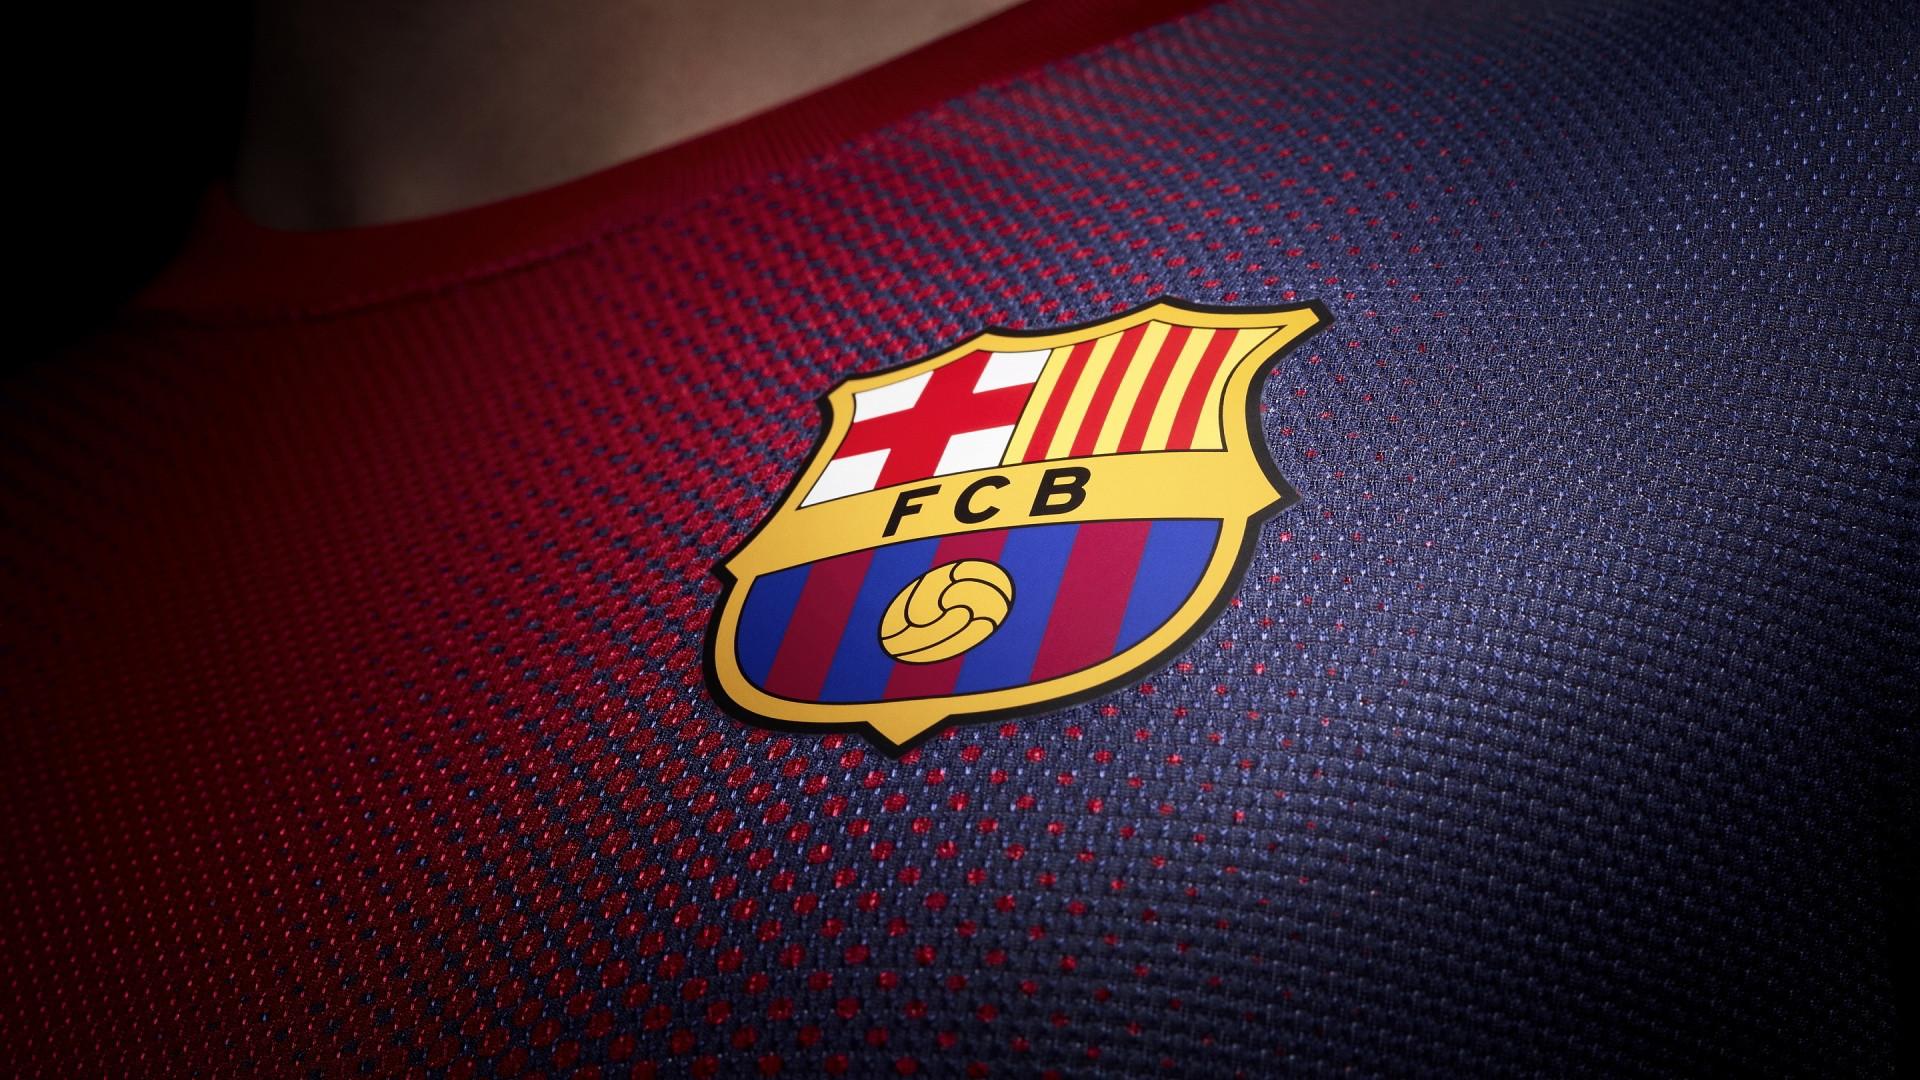 Fondo De Fútbol Hd: Fondos De Pantalla Del Fútbol Club Barcelona, Wallpapers